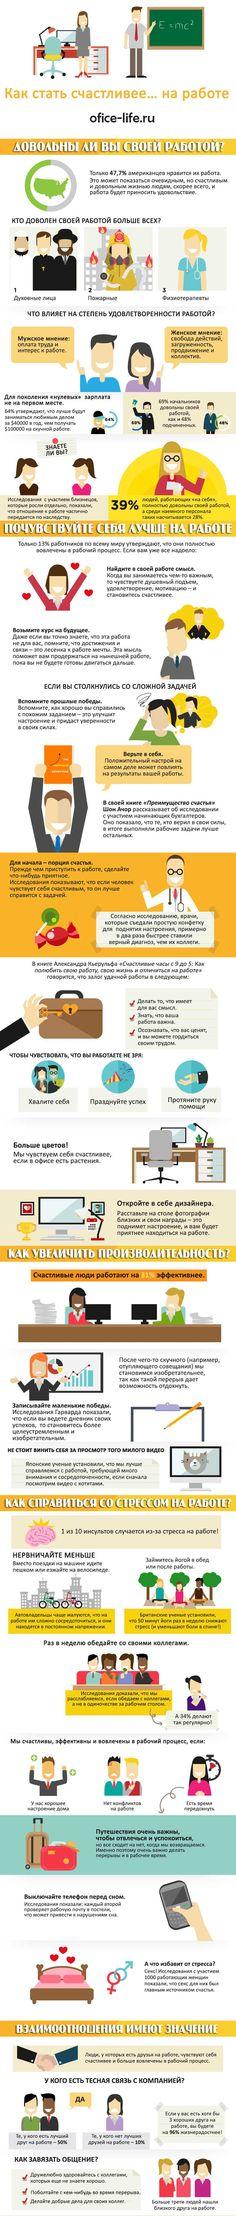 Как стать счастливым на работе